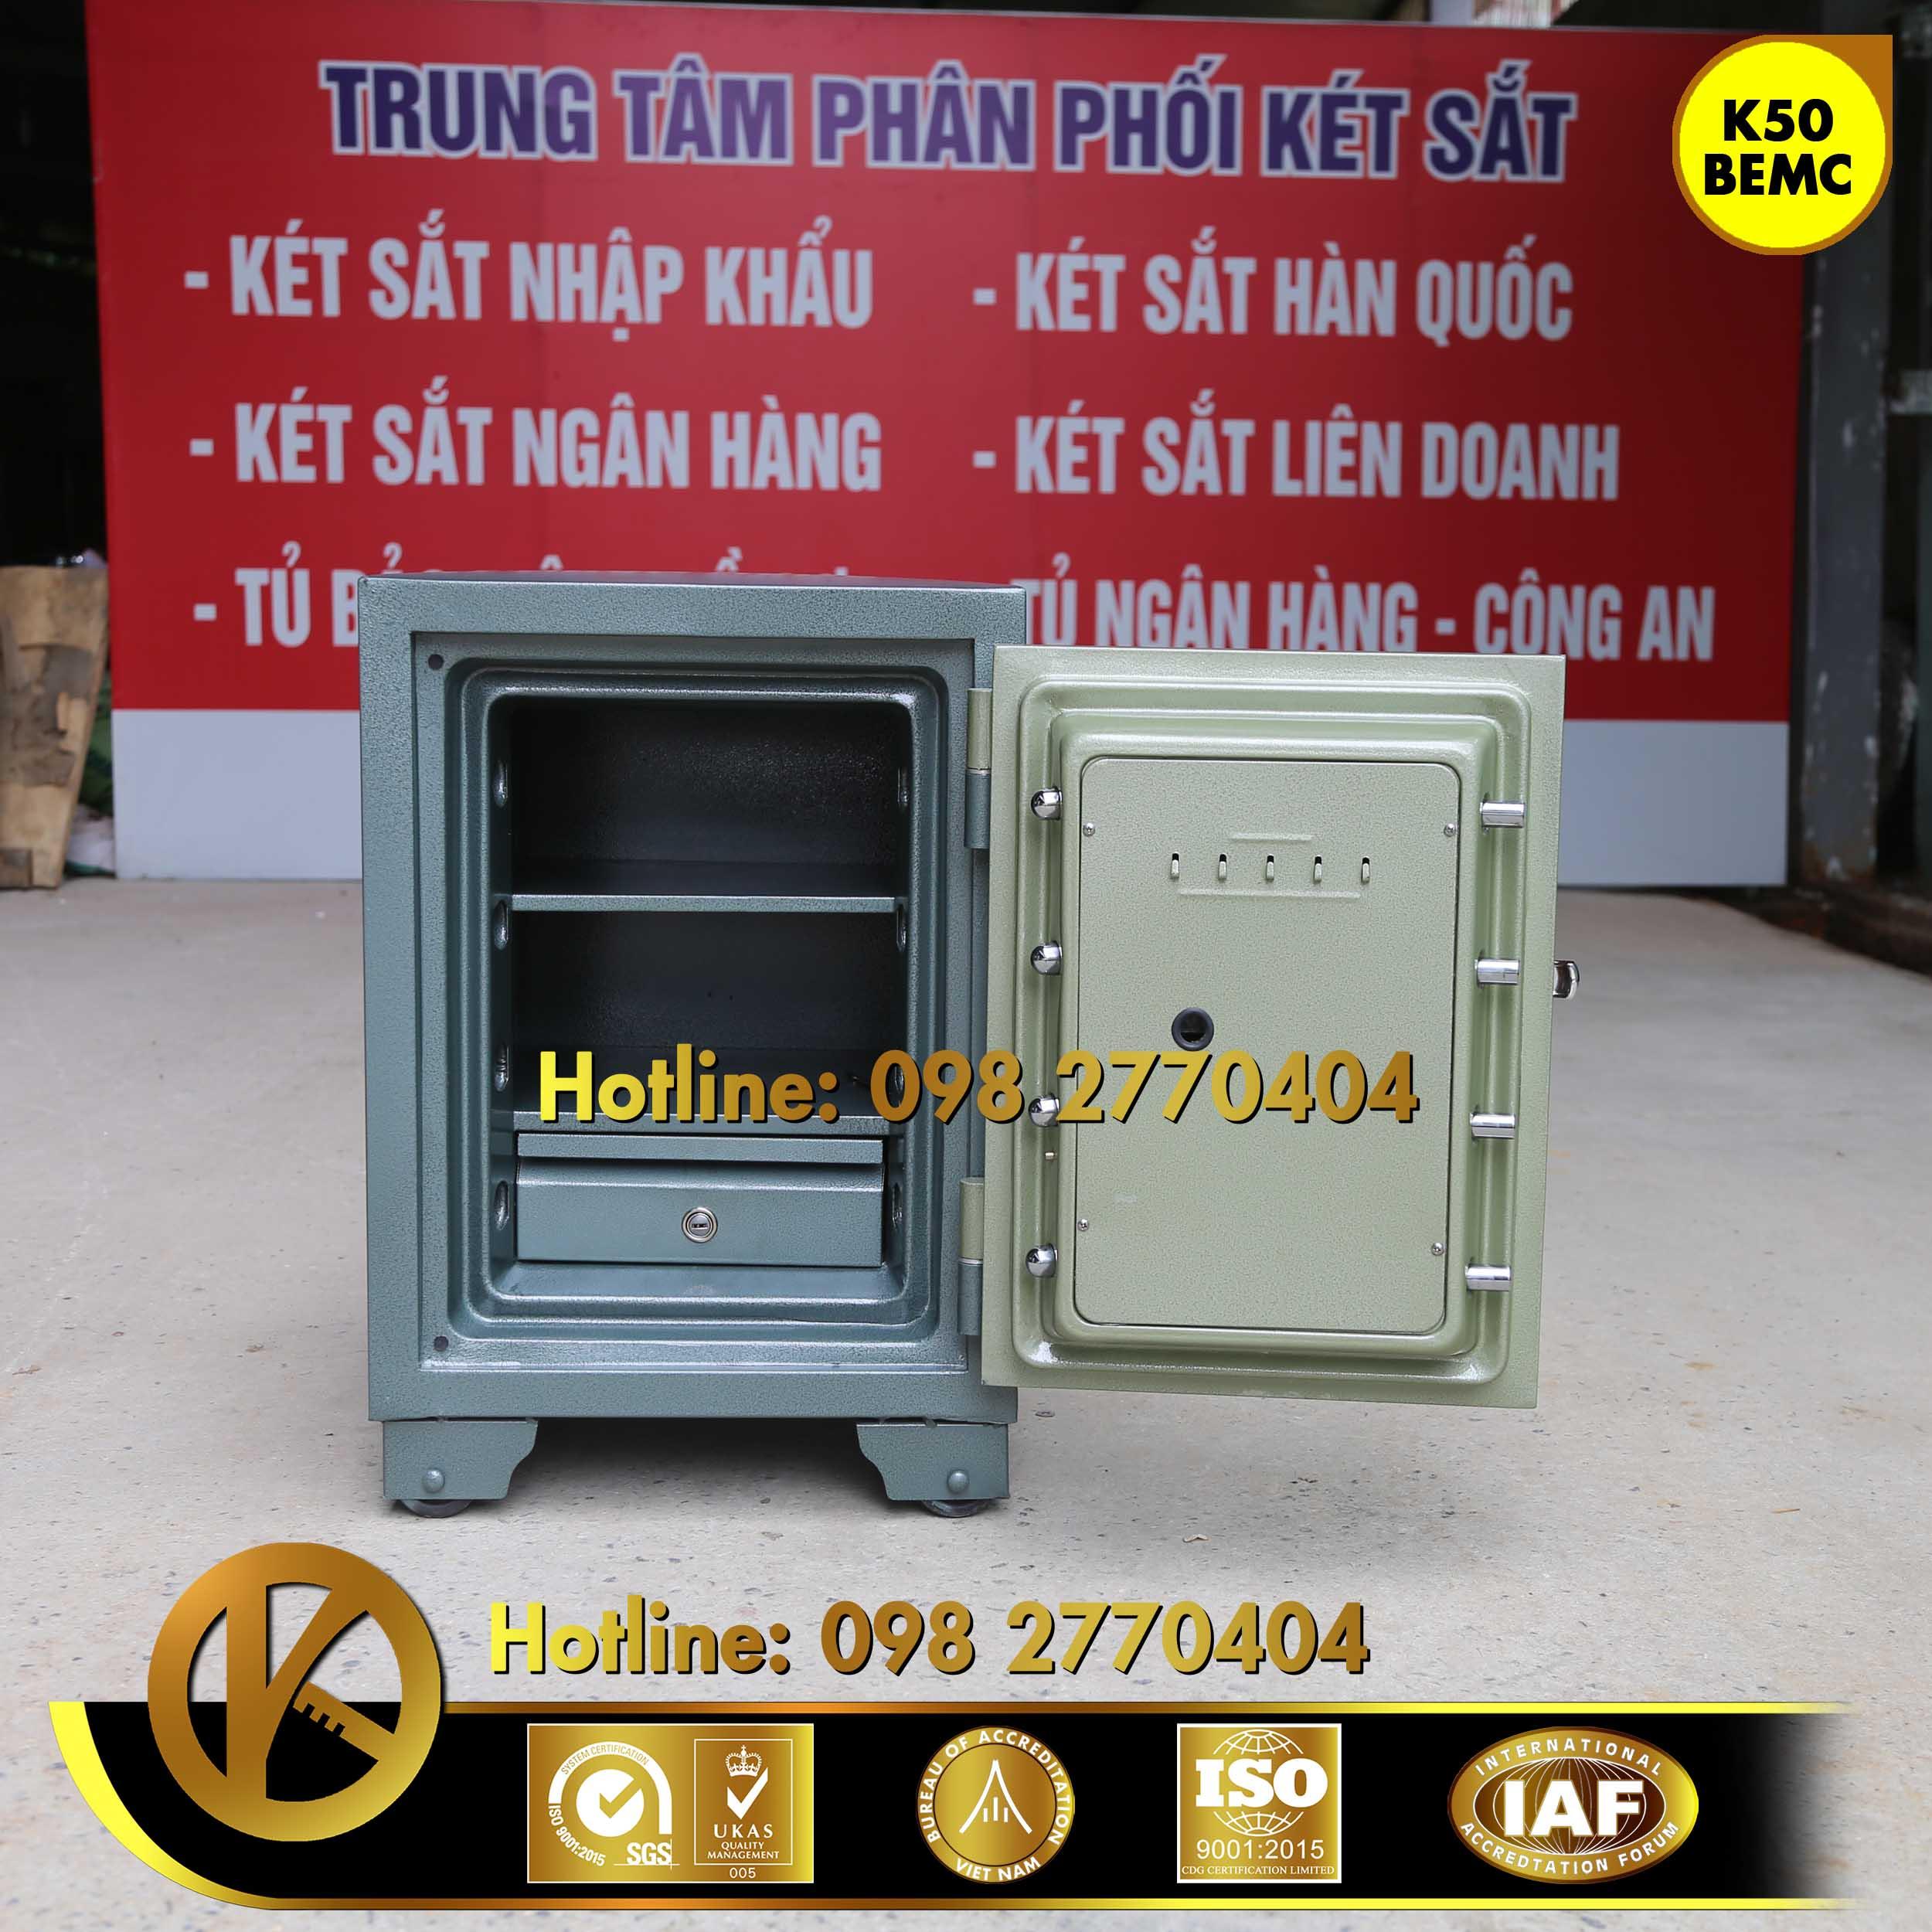 Két Ngân Hàng BEMC K50 ĐT LED Korea